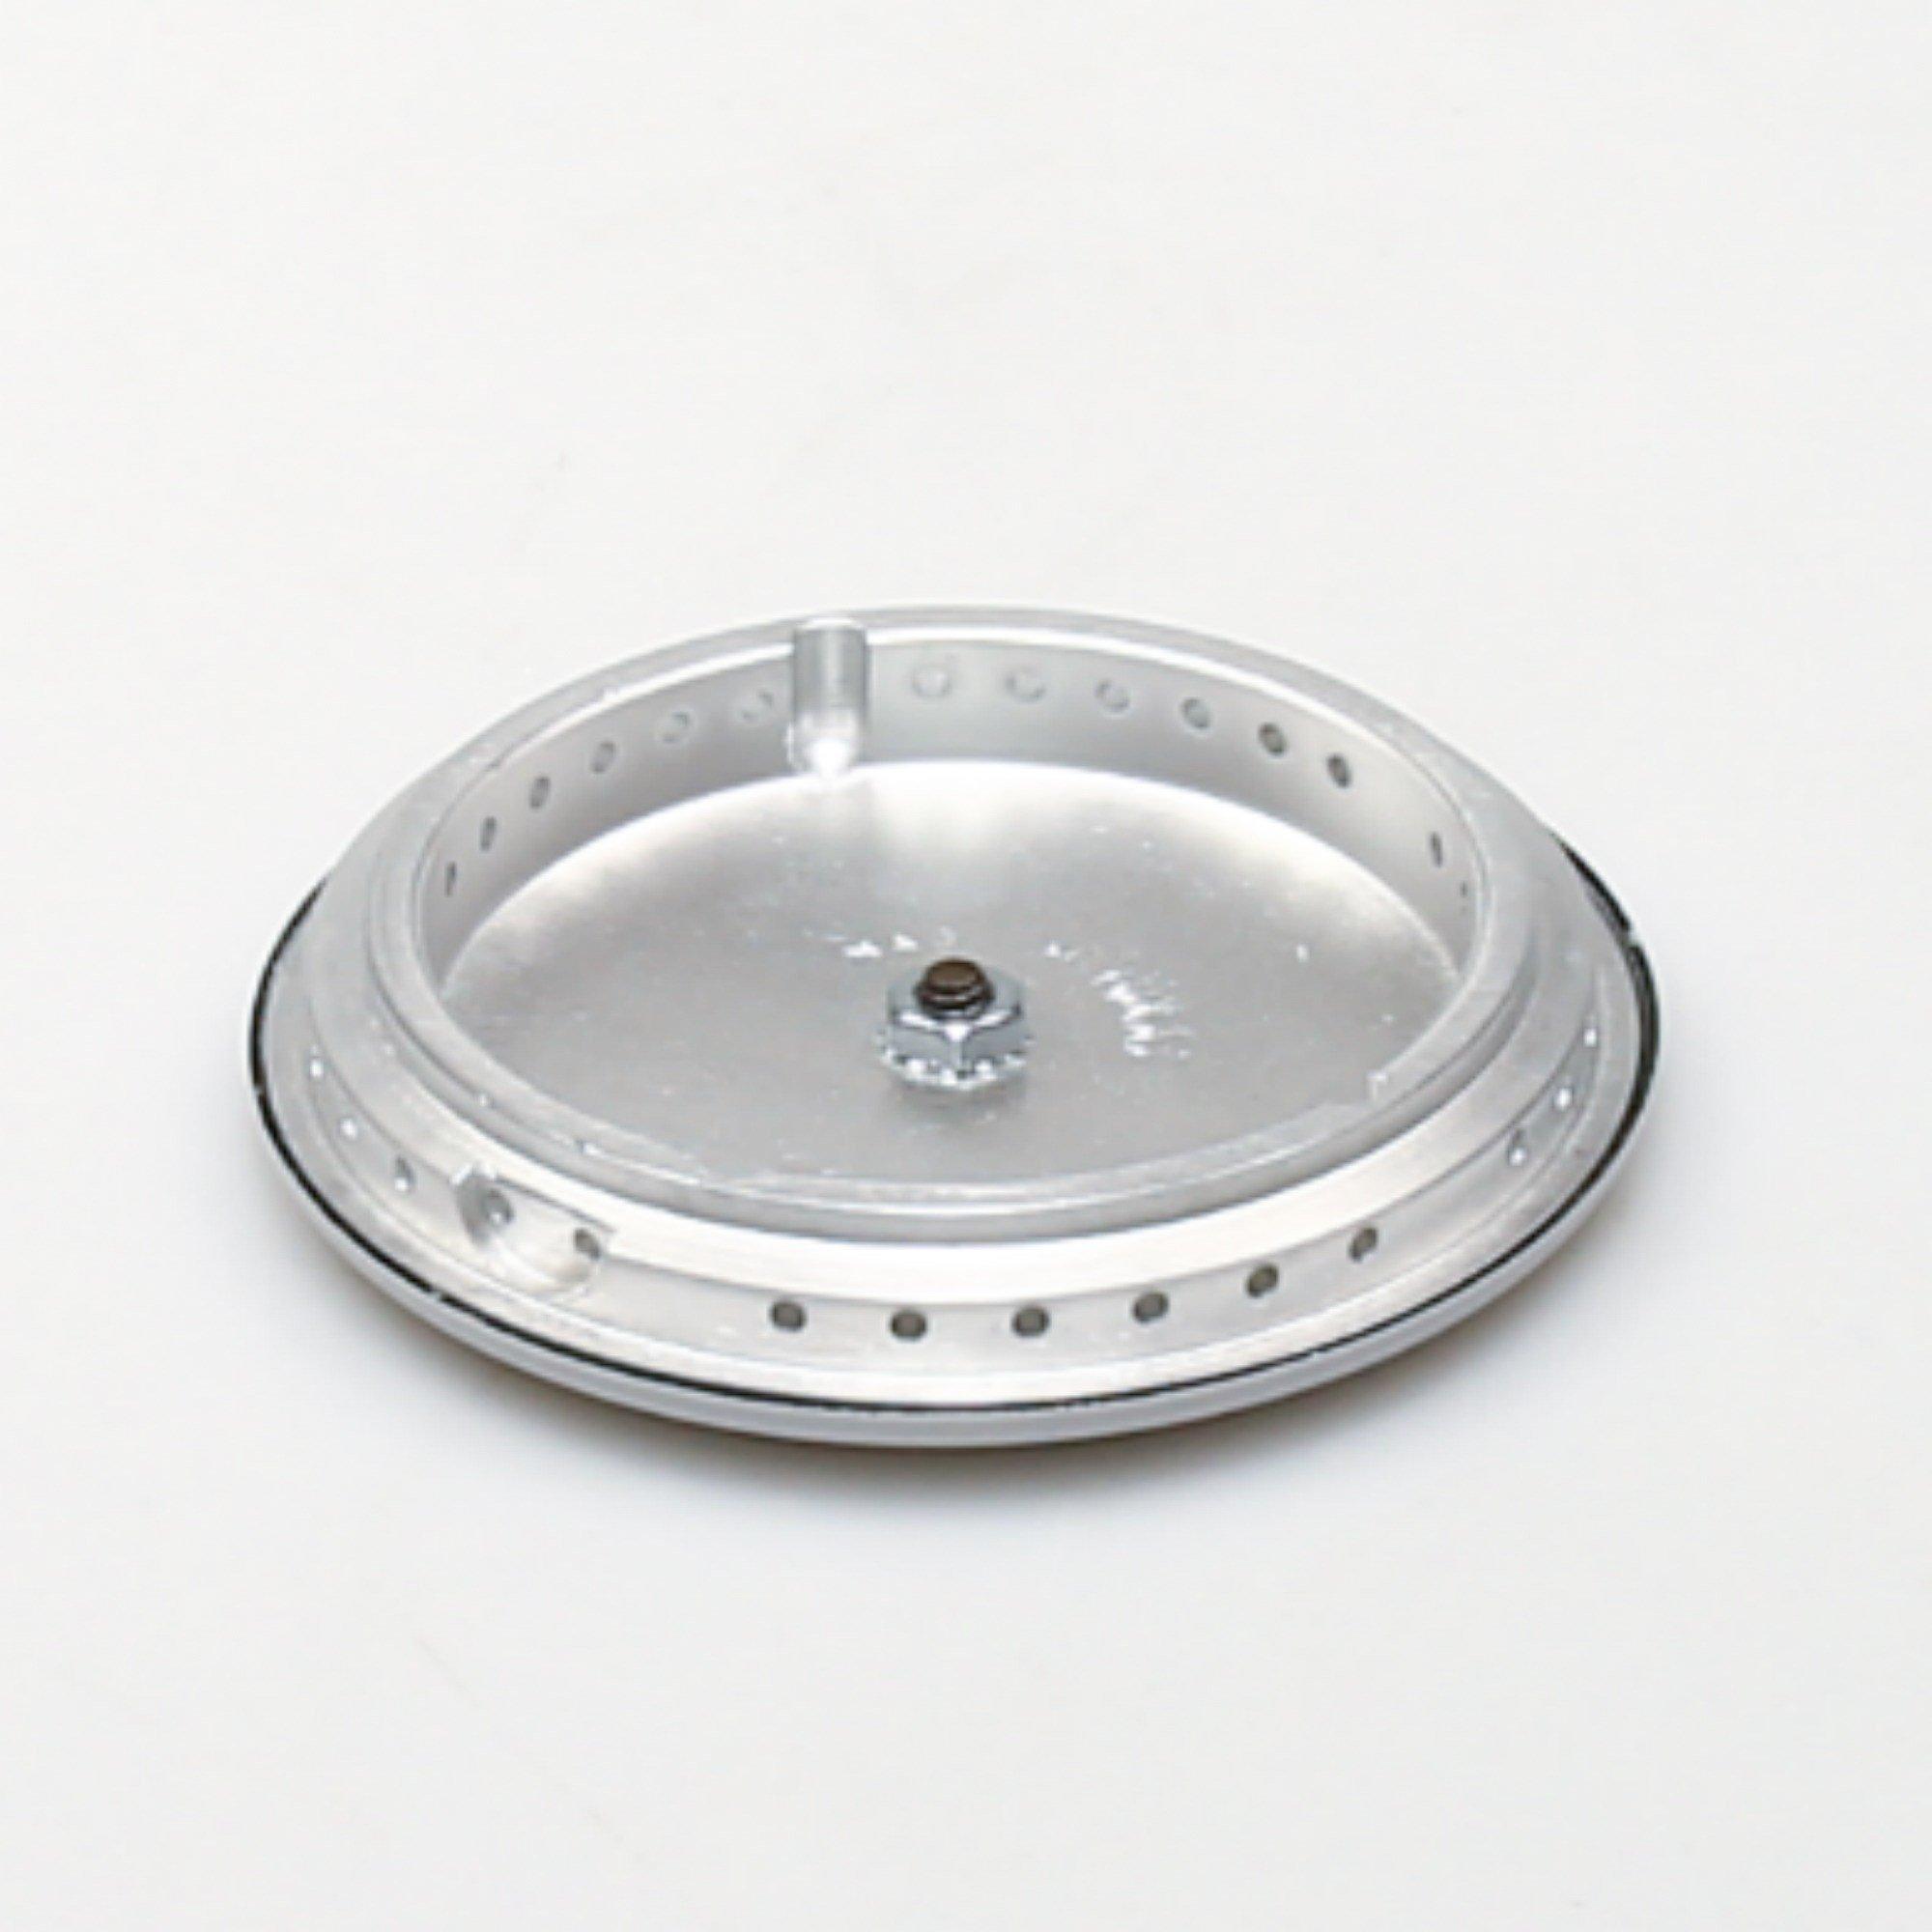 Whirlpool Part Number 74007200: CAP- BURNE